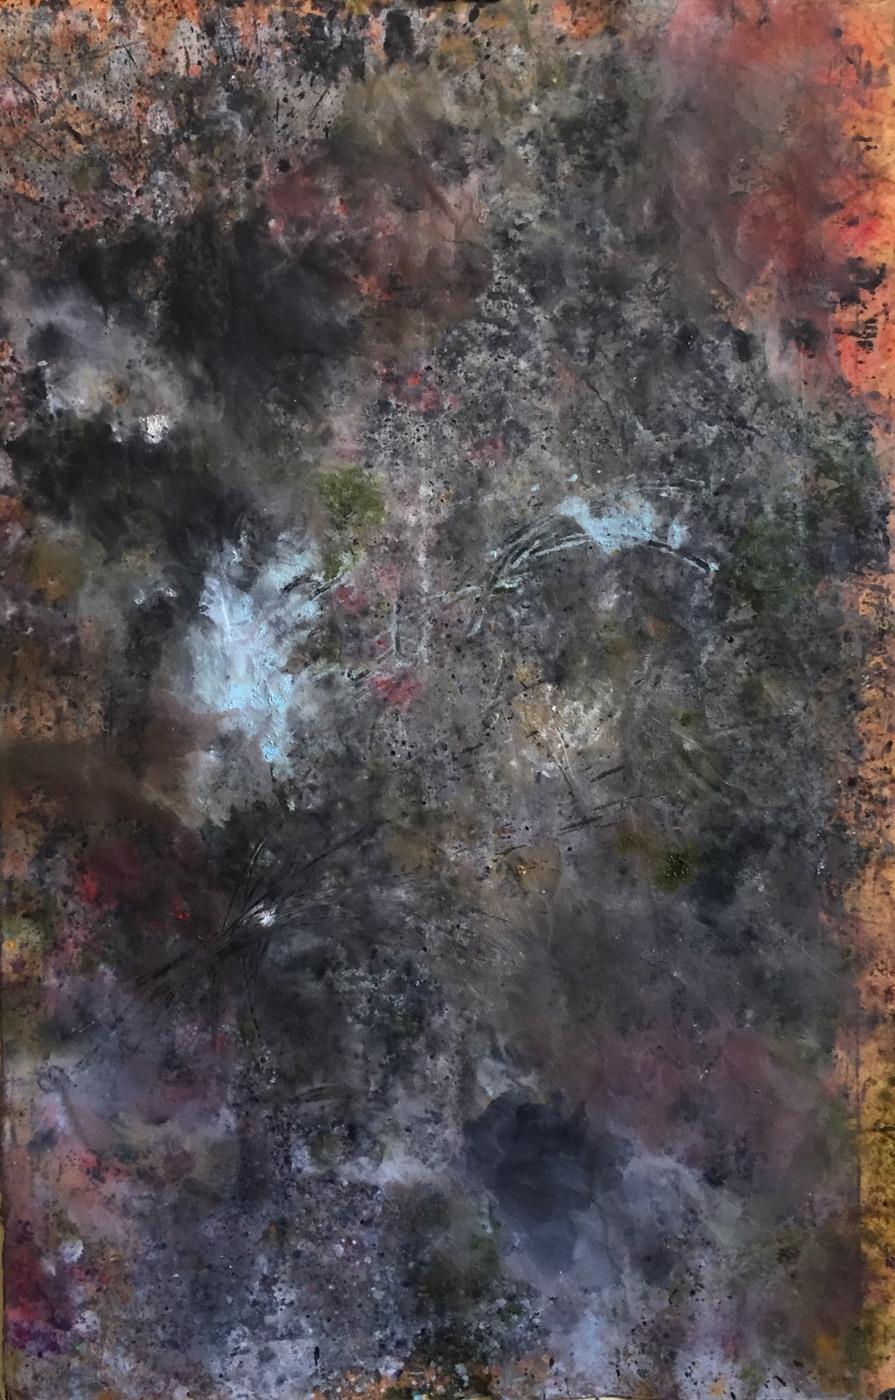 MARC FELD 2020 VULCAIN 1 Huile et acrylique sur papier 101 x 65 cm